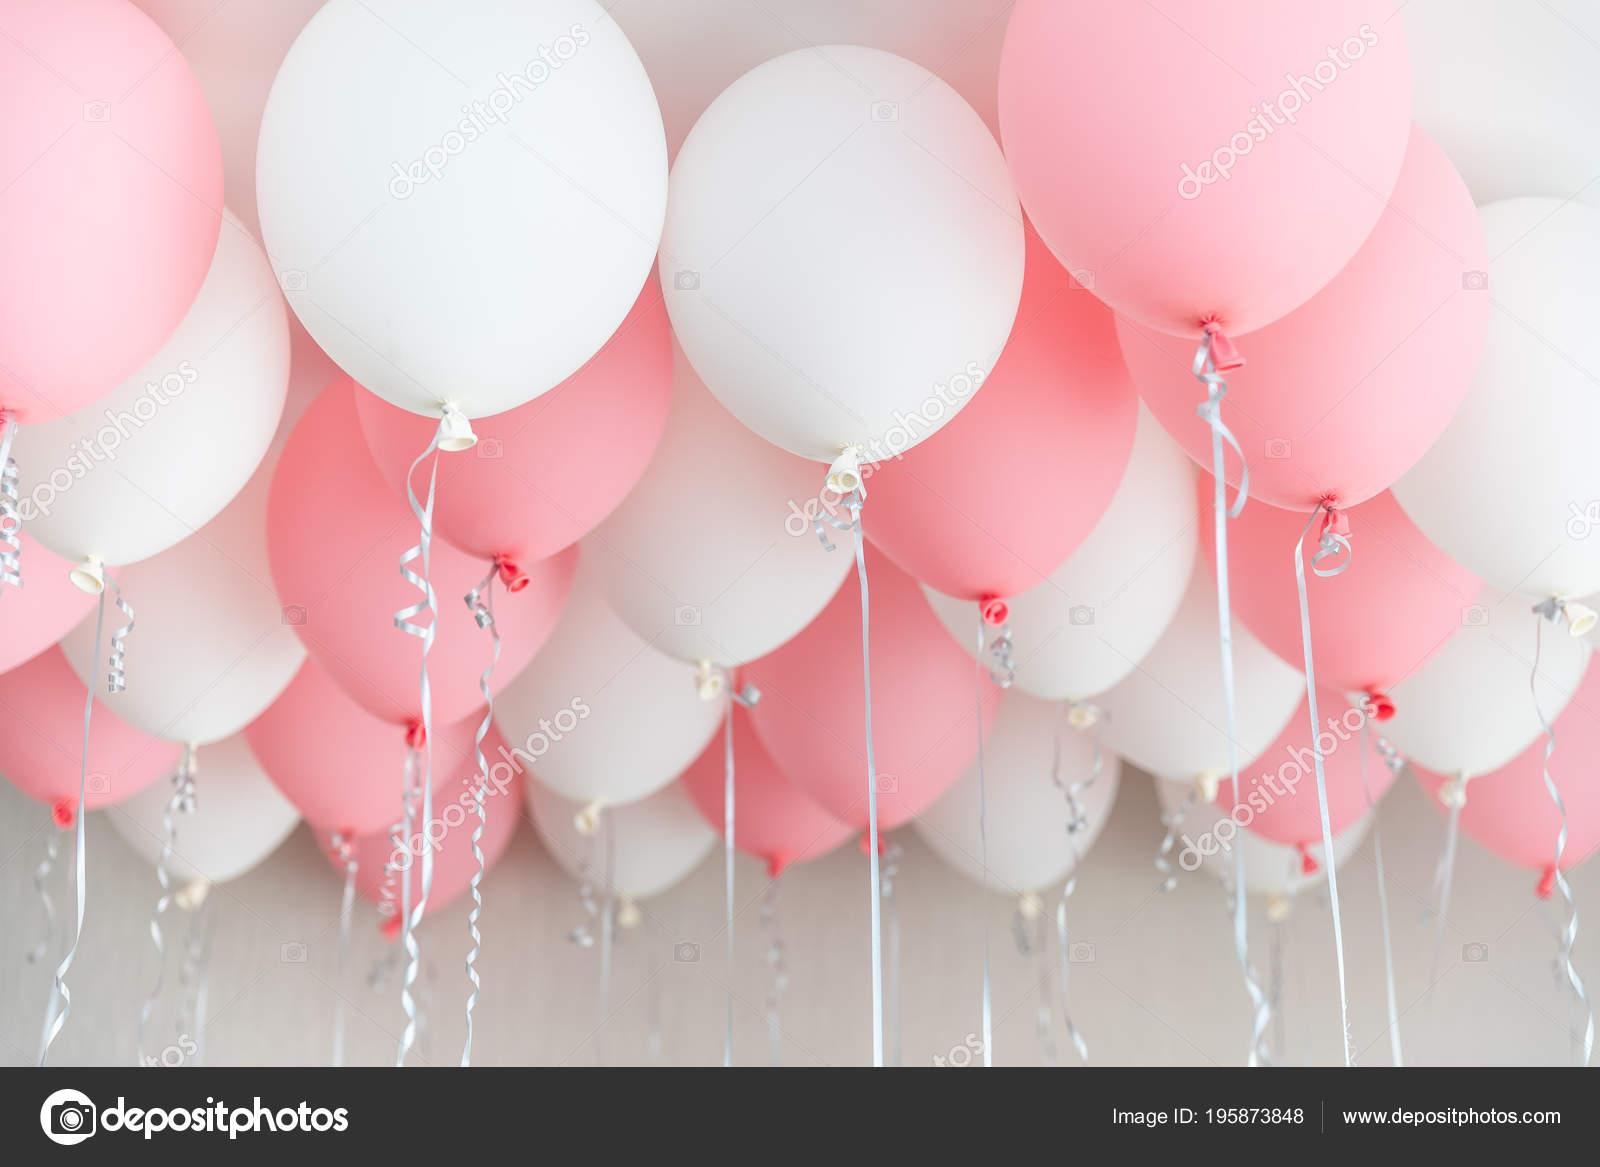 Ongebruikt Colourful balloons, pink, white, streamers. Helium Ballon floating KJ-28